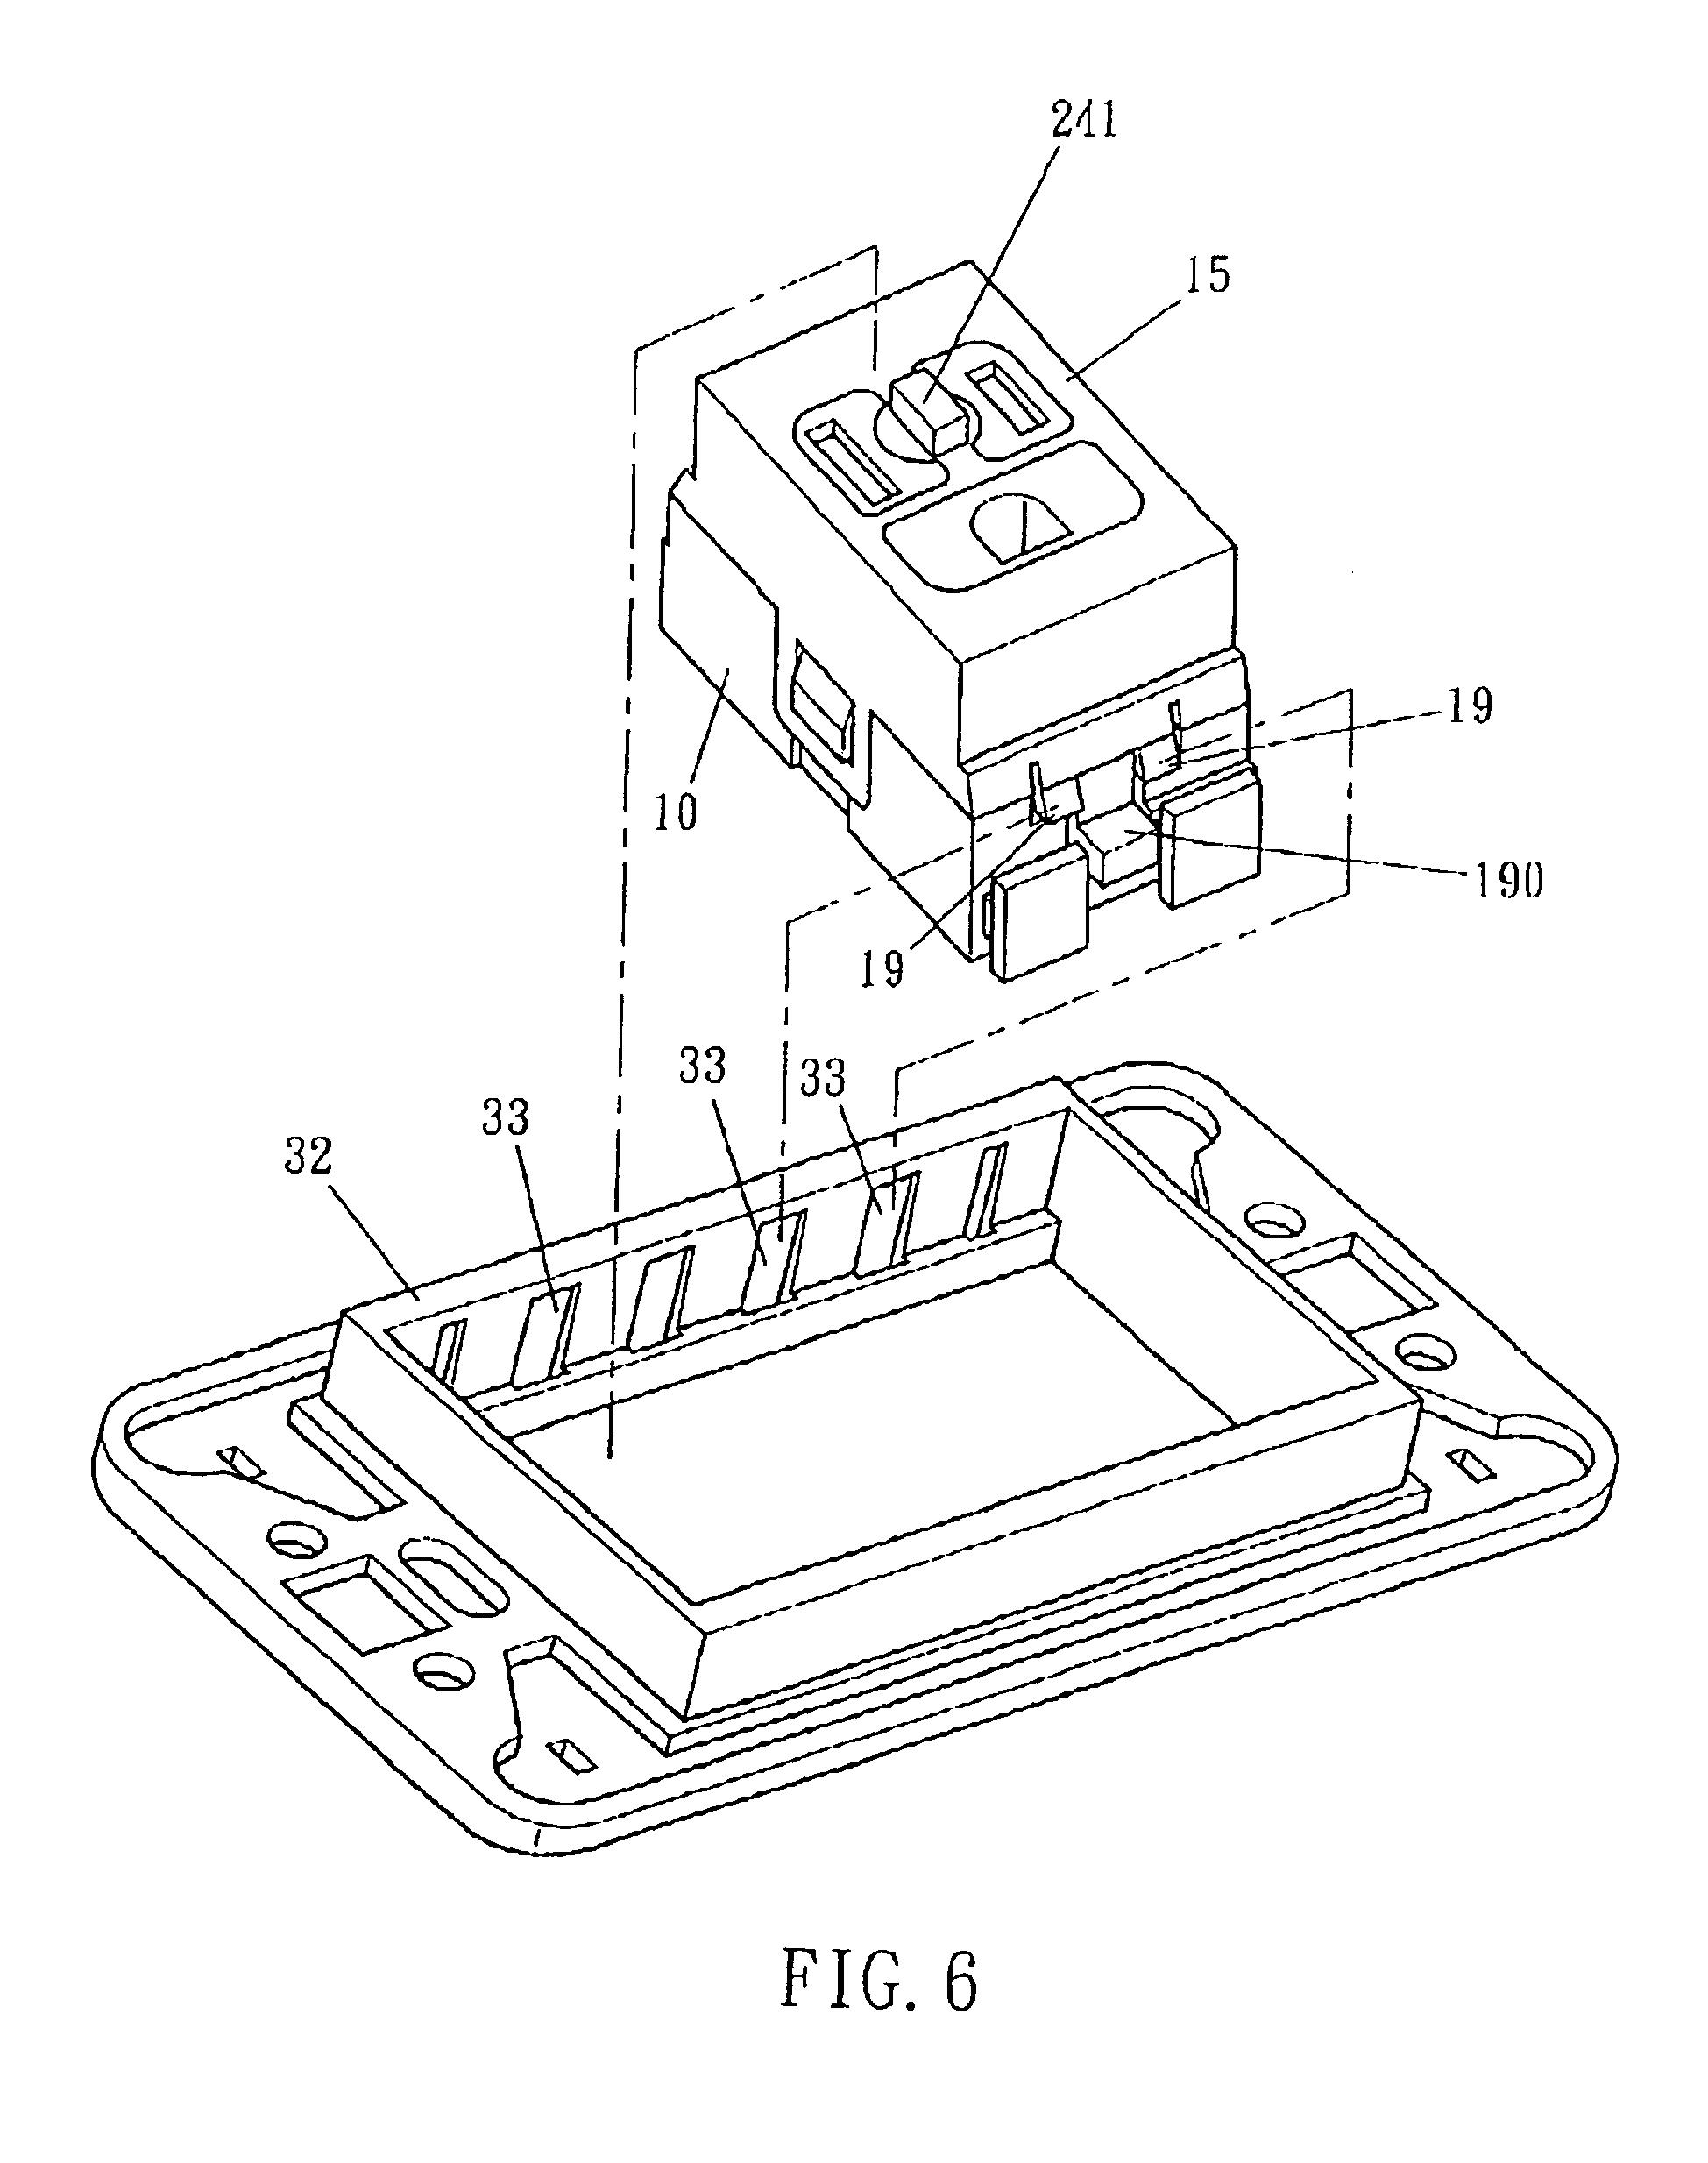 night storage heater wiring diagram